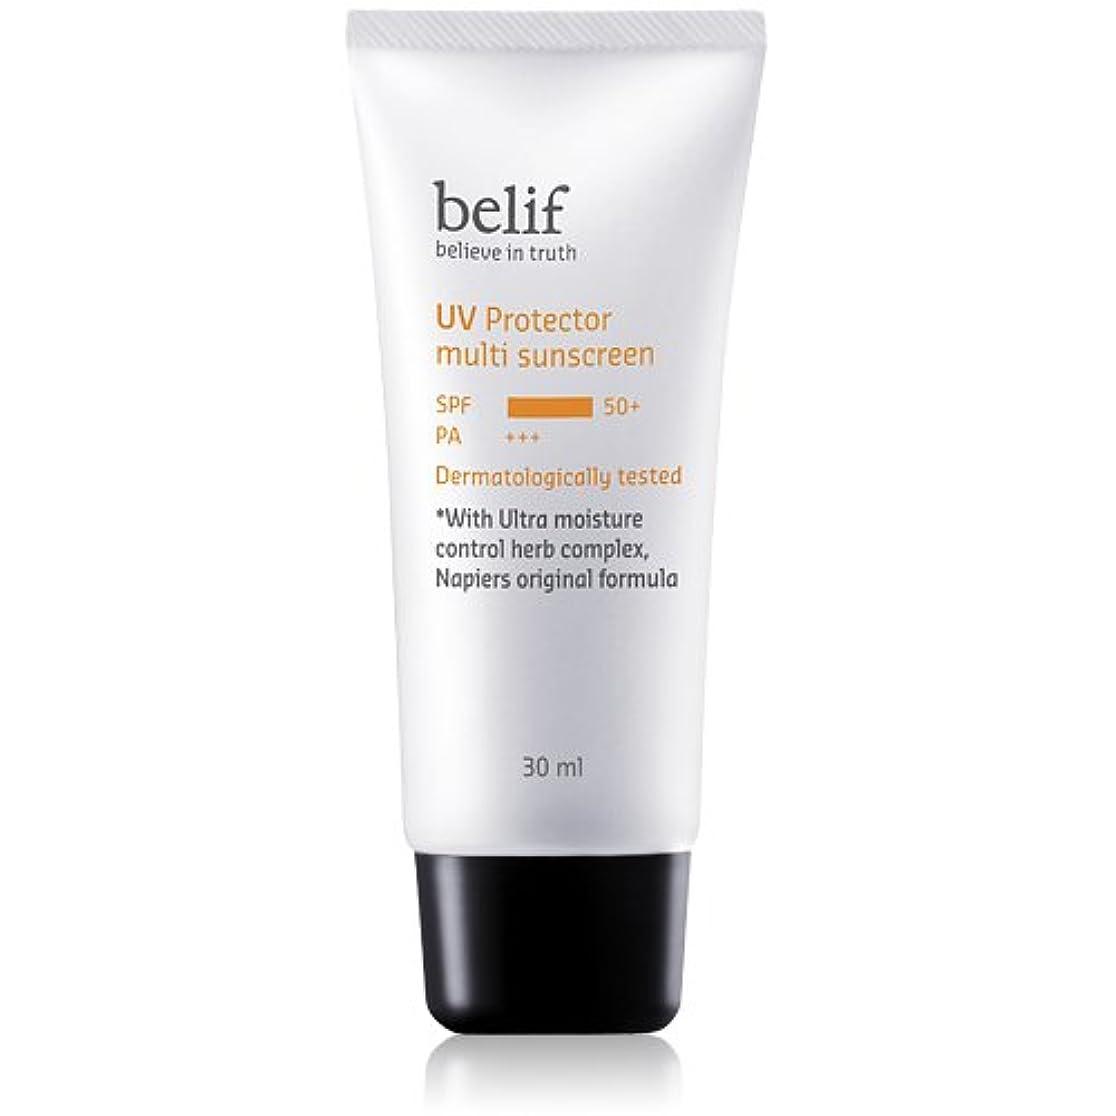 雑多な直面する生き返らせるBelif(ビリーフ)UV Protector Multi sunscreen 30ml/ビリーフUVプロテクターマルチサンスクリーン